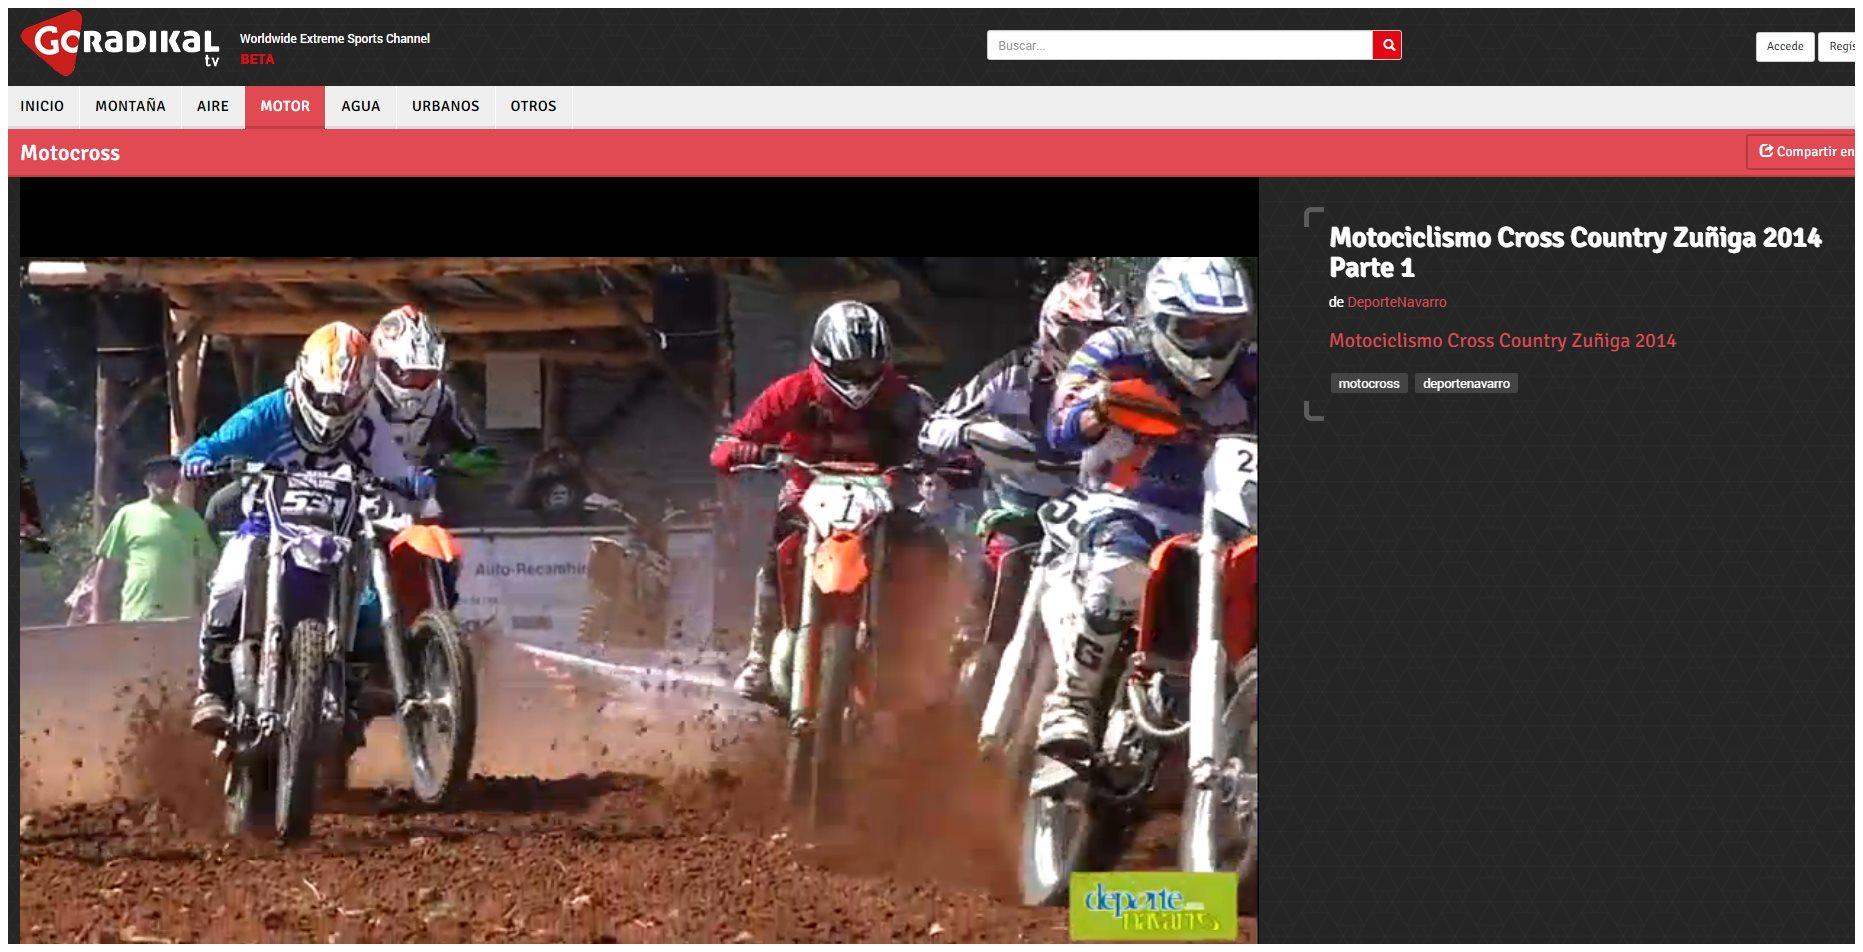 goradikal, una TV online de deportes alternativos y extremos